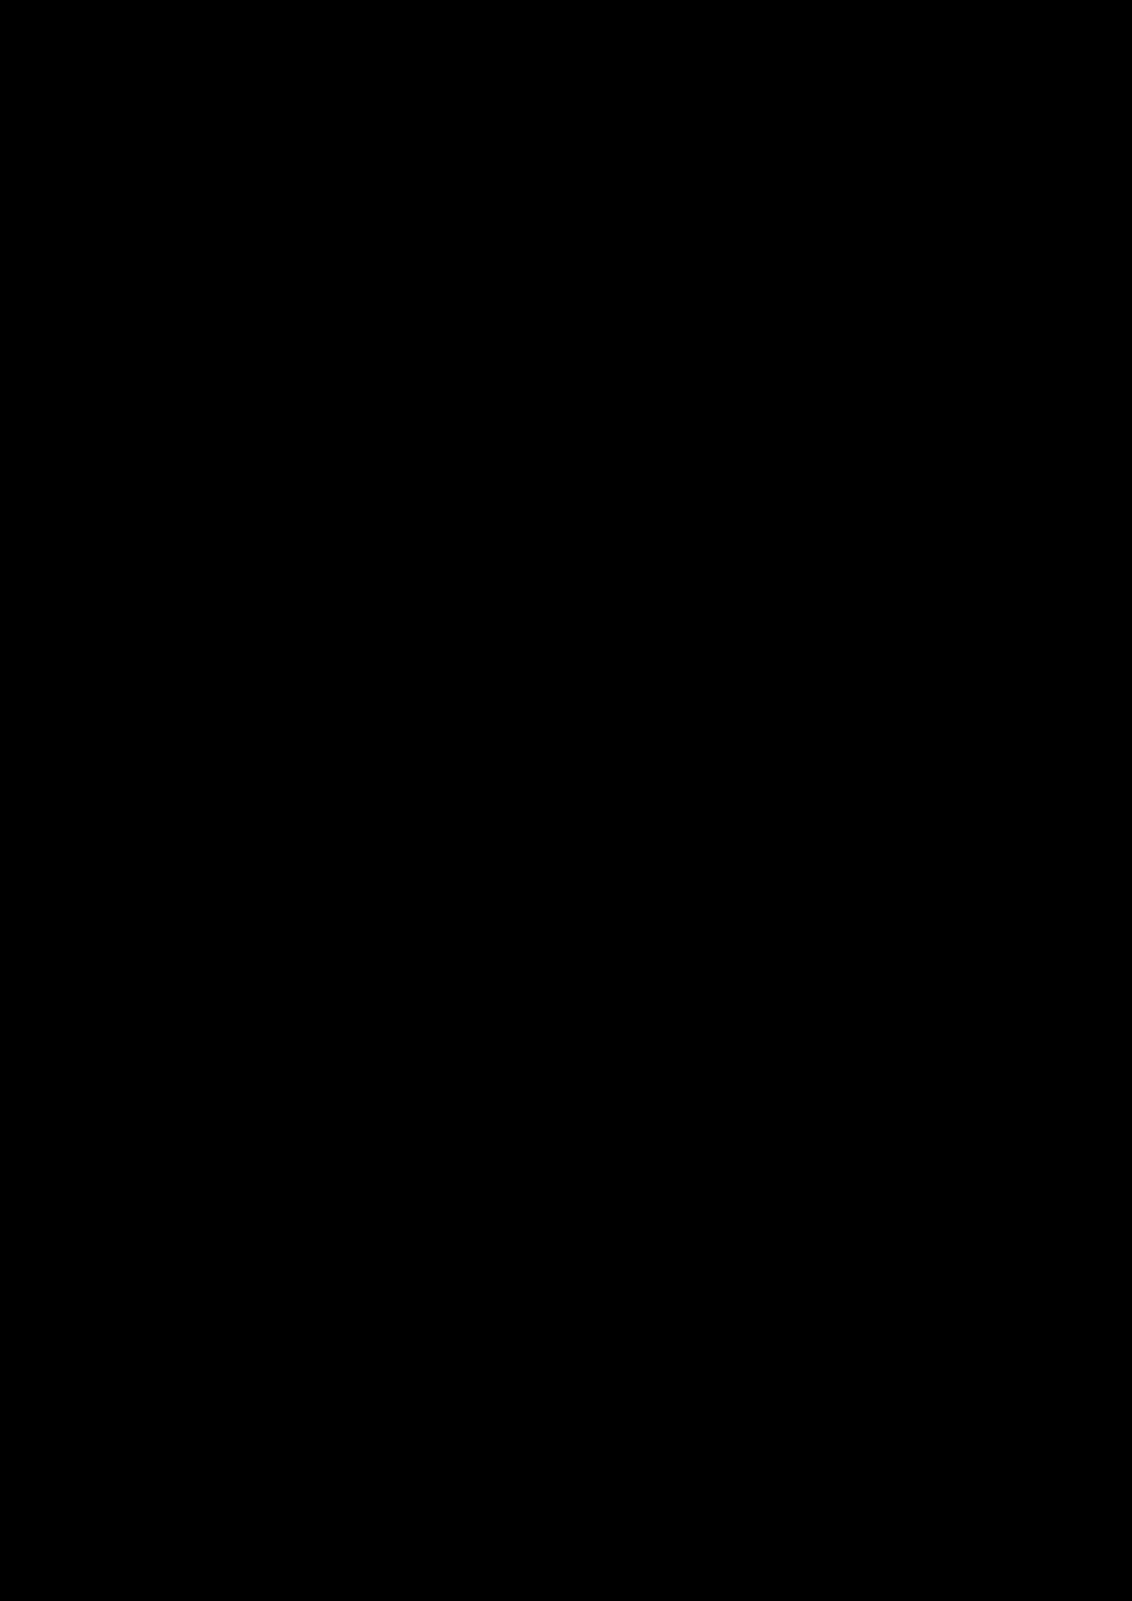 Zagadka volshebnoy stranyi slide, Image 10